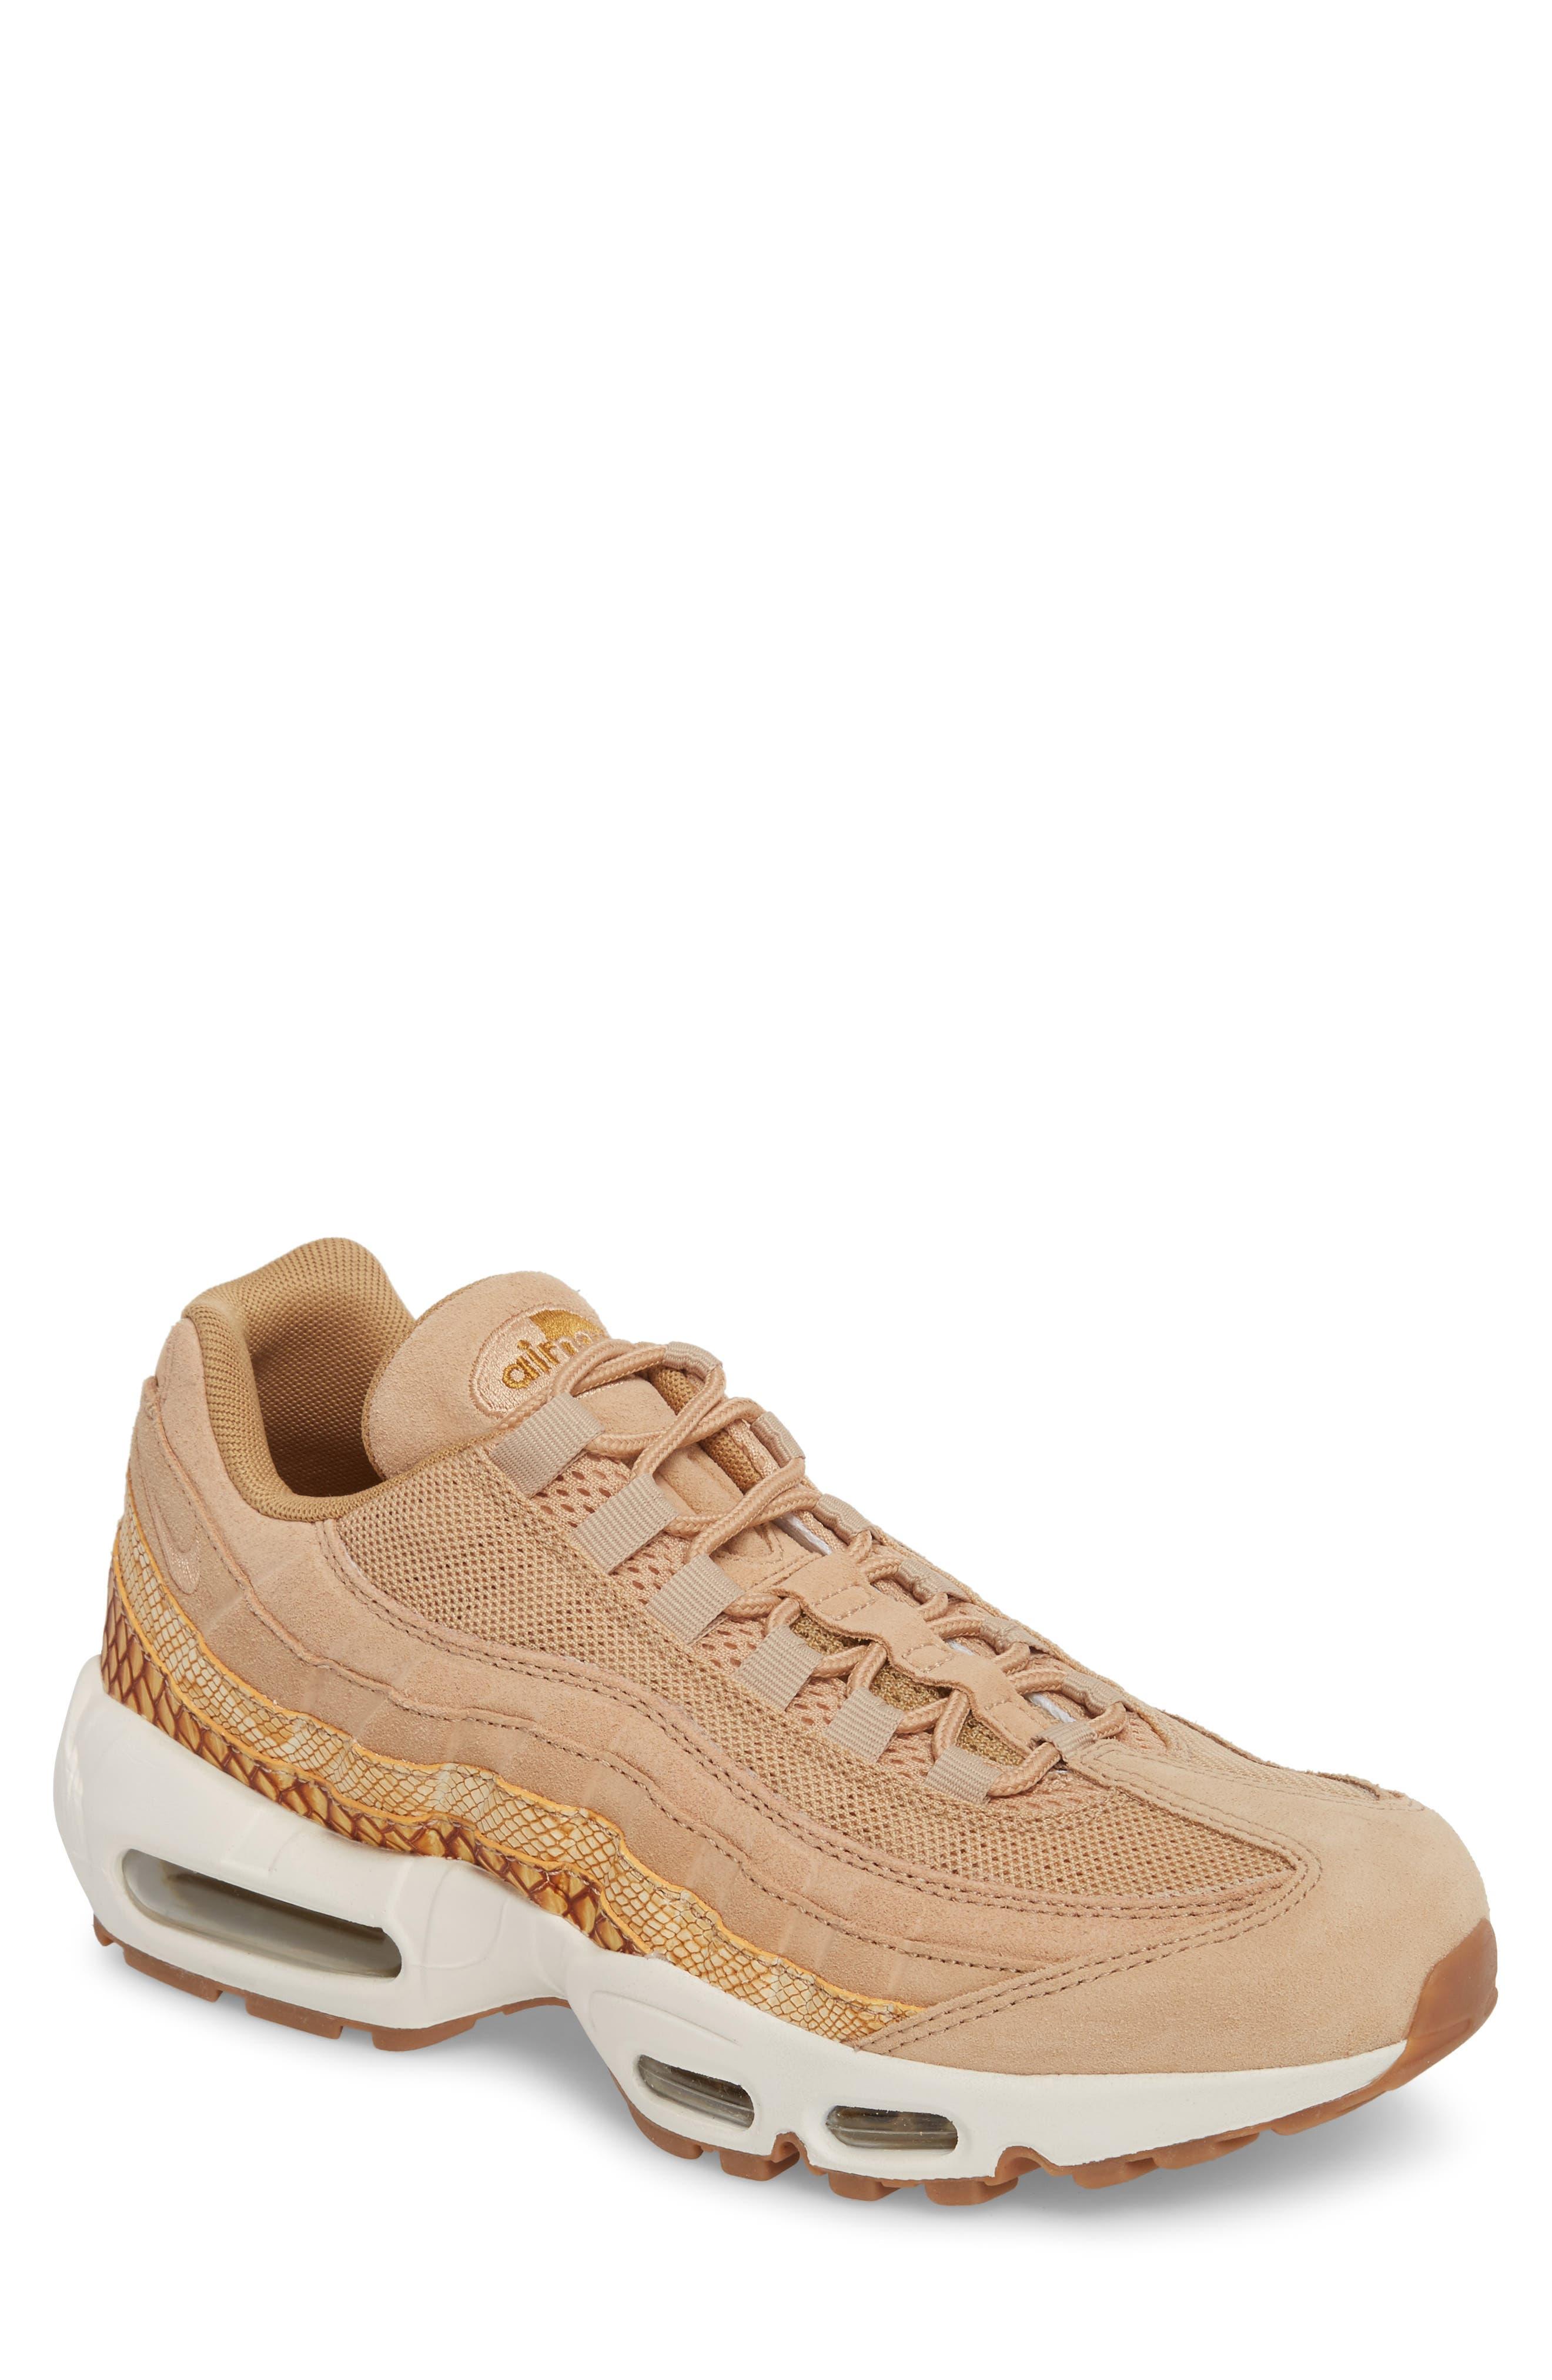 Air Max 95 Premium SE Sneaker,                             Main thumbnail 1, color,                             TAN/ TAN/ ELEMENTAL GOLD